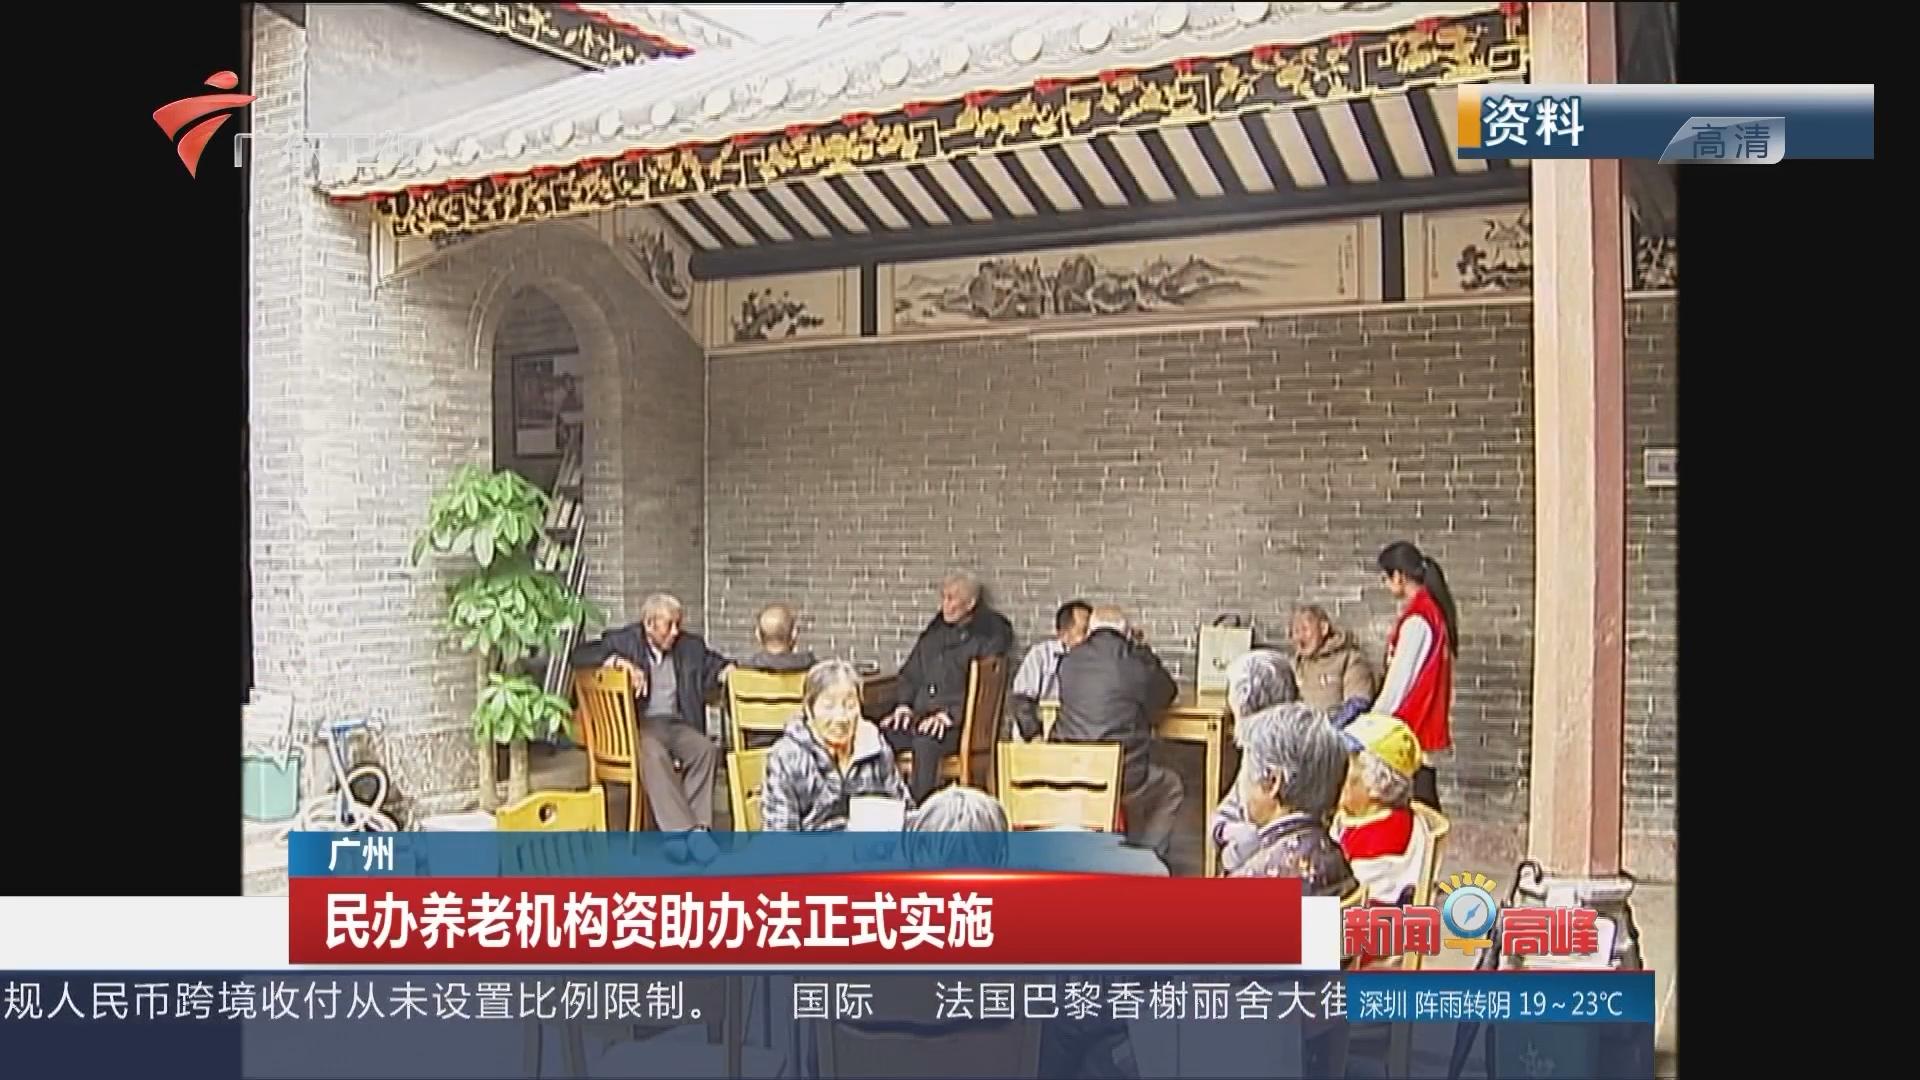 广州:民办养老机构资助办法正式实施